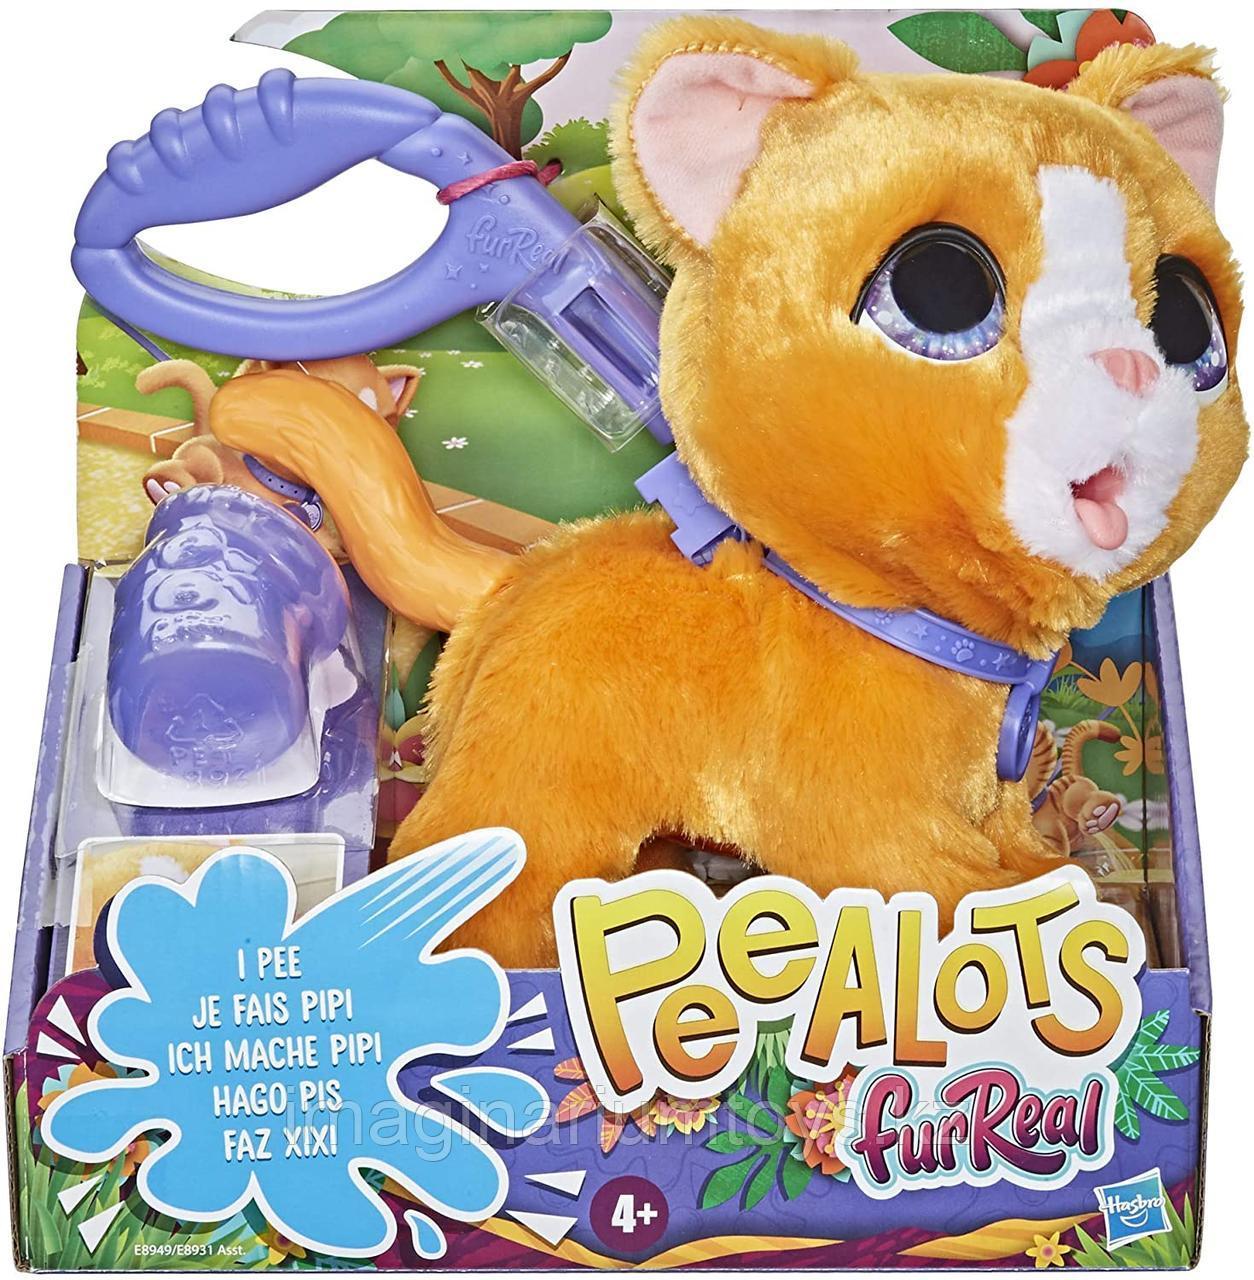 Furreal большая интерактивная кошка на поводке Peealots